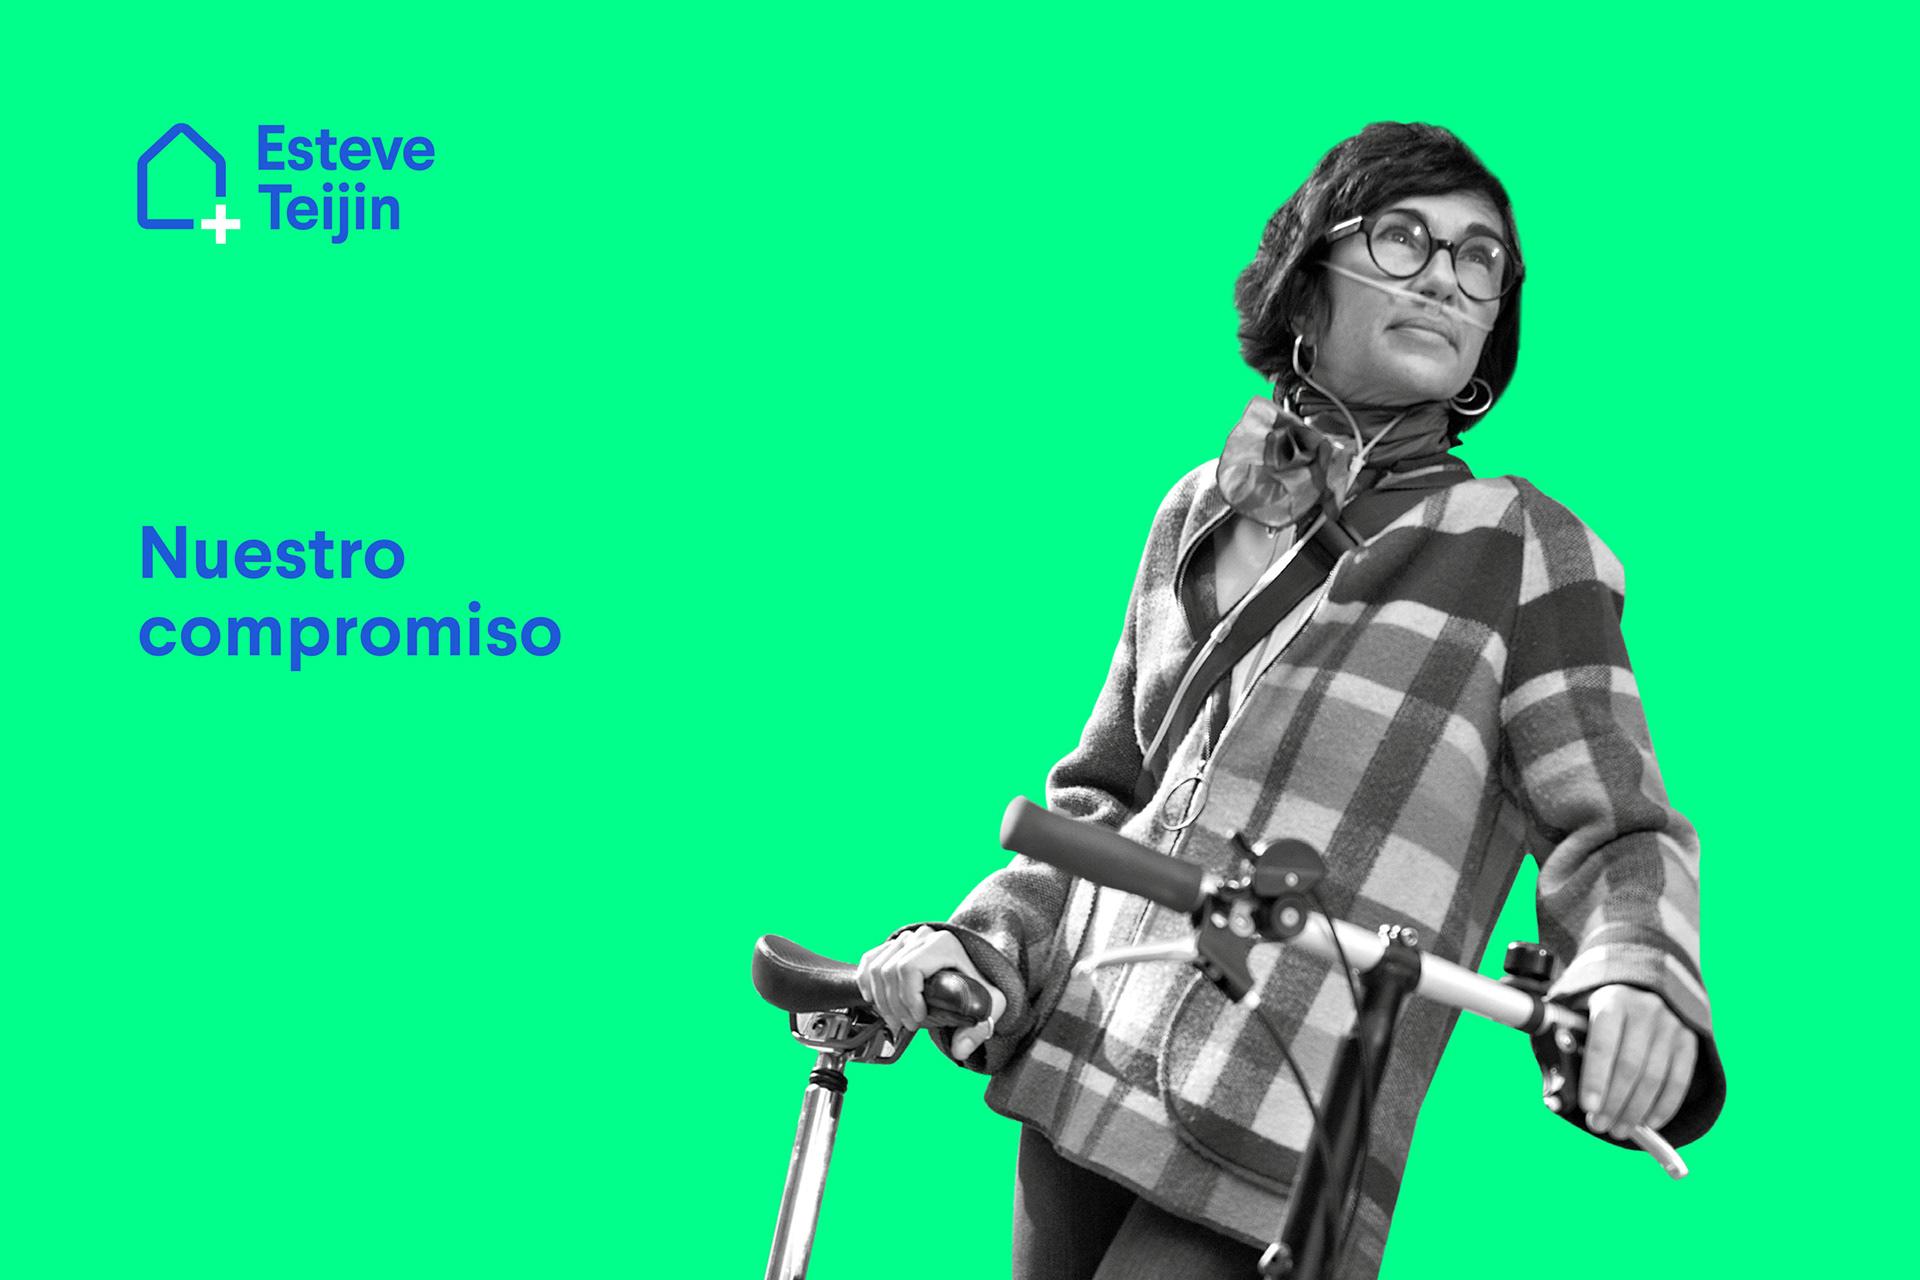 家庭健康治疗品牌Esteve Teijin的品牌VI设计欣赏-深圳VI设计15